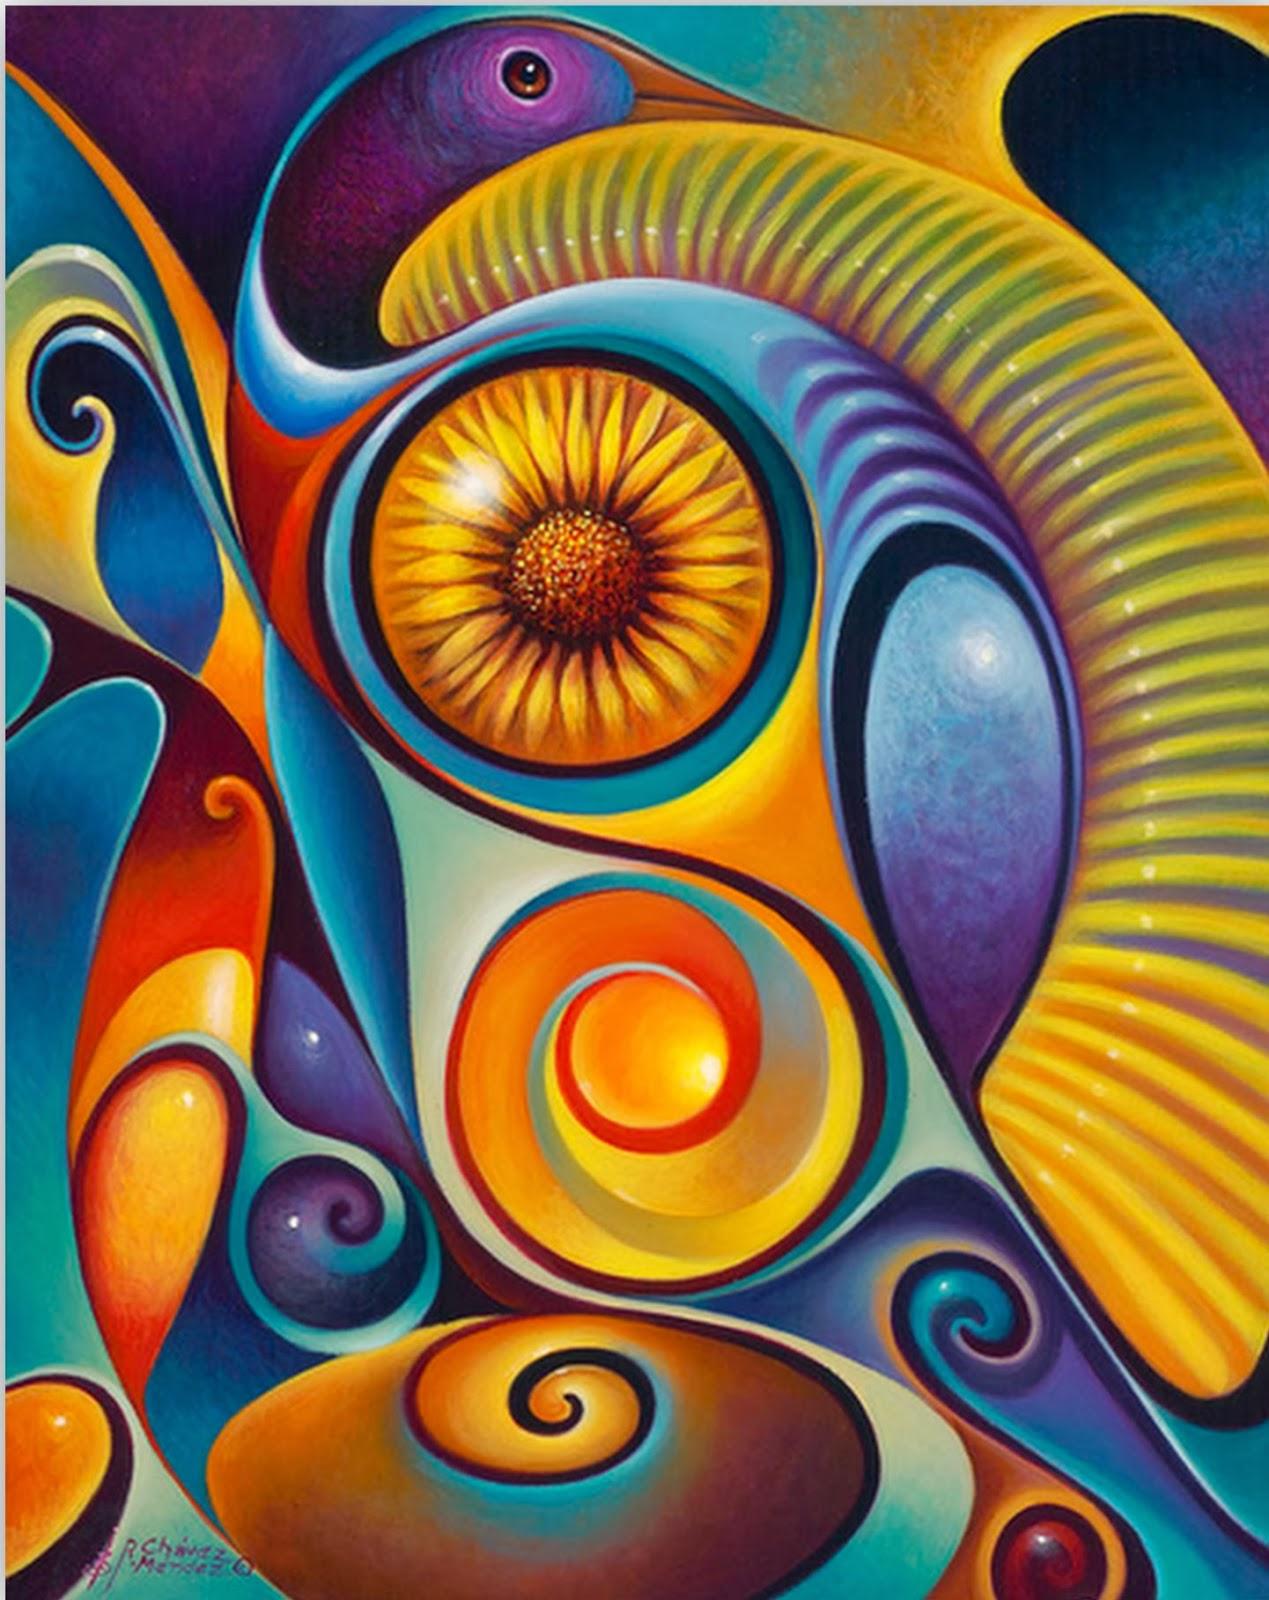 Pintura moderna y fotograf a art stica expresionismo for Imagenes de cuadros abstractos faciles de hacer